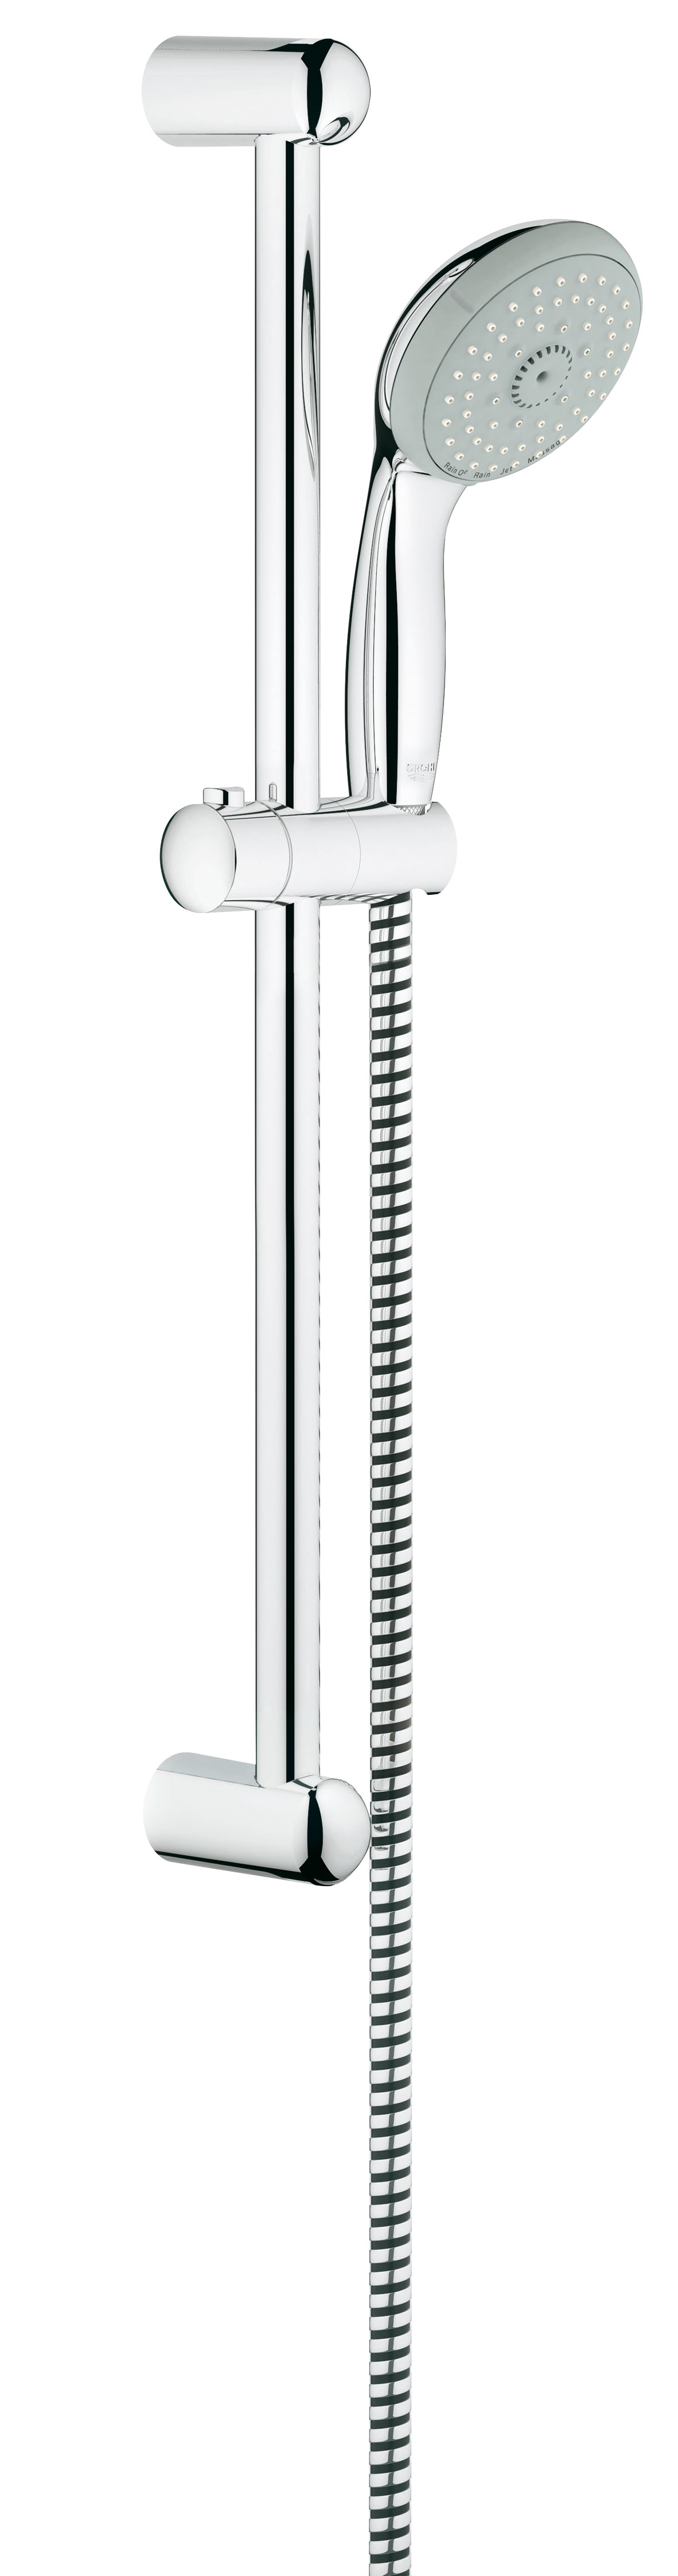 Душевой гарнитур GROHE Tempesta Classic (ручной душ, штанга 600 мм, шланг 1750 мм) (27795000)A50711 1.5GROHE New Tempesta 100: душевой гарнитур со штангой – с четырьмя режимами струи для Вашего комфорта Этот душевой гарнитур из серии GROHE New Tempesta 100, состоящий из ручного душа, душевой штанги и душевого шланга, отличается великолепными функциональными характеристиками и располагает четырьмя режимами струи, с которыми принятие душа превратится в восхитительное удовольствие. После длинного рабочего дня устройте себе расслабляющий массаж головы и шеи с помощью режима Massage, а затем – погрузитесь в наслаждение ласковым летним дождем, переключив душ в режим Rain. В режиме GROHE Rain O? Вас окутает невероятно нежный поток капель, а в интенсивном режиме Jet струя воды поможет тонизировать кожный покров. Режим Jet также поможет Вам быстро ополоснуть душевой поддон после купания. Душевая головка легко очищается от известковых отложений благодаря системе SpeedClean, предотвращающей известкование. Сияющий блеск износостойкого хромированного покрытия GROHE StarLight легко поддерживать в первозданном виде – достаточно протирать его сухой салфеткой. Особенности: Включает в себя:Душевая штанга, 600 мм (27 523 000)Душевой шланг Relexaflex 1750 мм 1/2? x 1/2? (28 154 000)GROHE DreamSpray превосходный поток водыGROHE StarLight хромированная поверхность С системой SpeedClean против известковых отложенийВнутренний охлаждающий канал для продолжительного срока службыShockProof силиконовое кольцо, предотвращающее Повреждение поверхности при падении ручного душаМожет использоваться с проточным водонагревателемВидео по установке является исключительно информационным. Установка должна проводиться профессионалами!